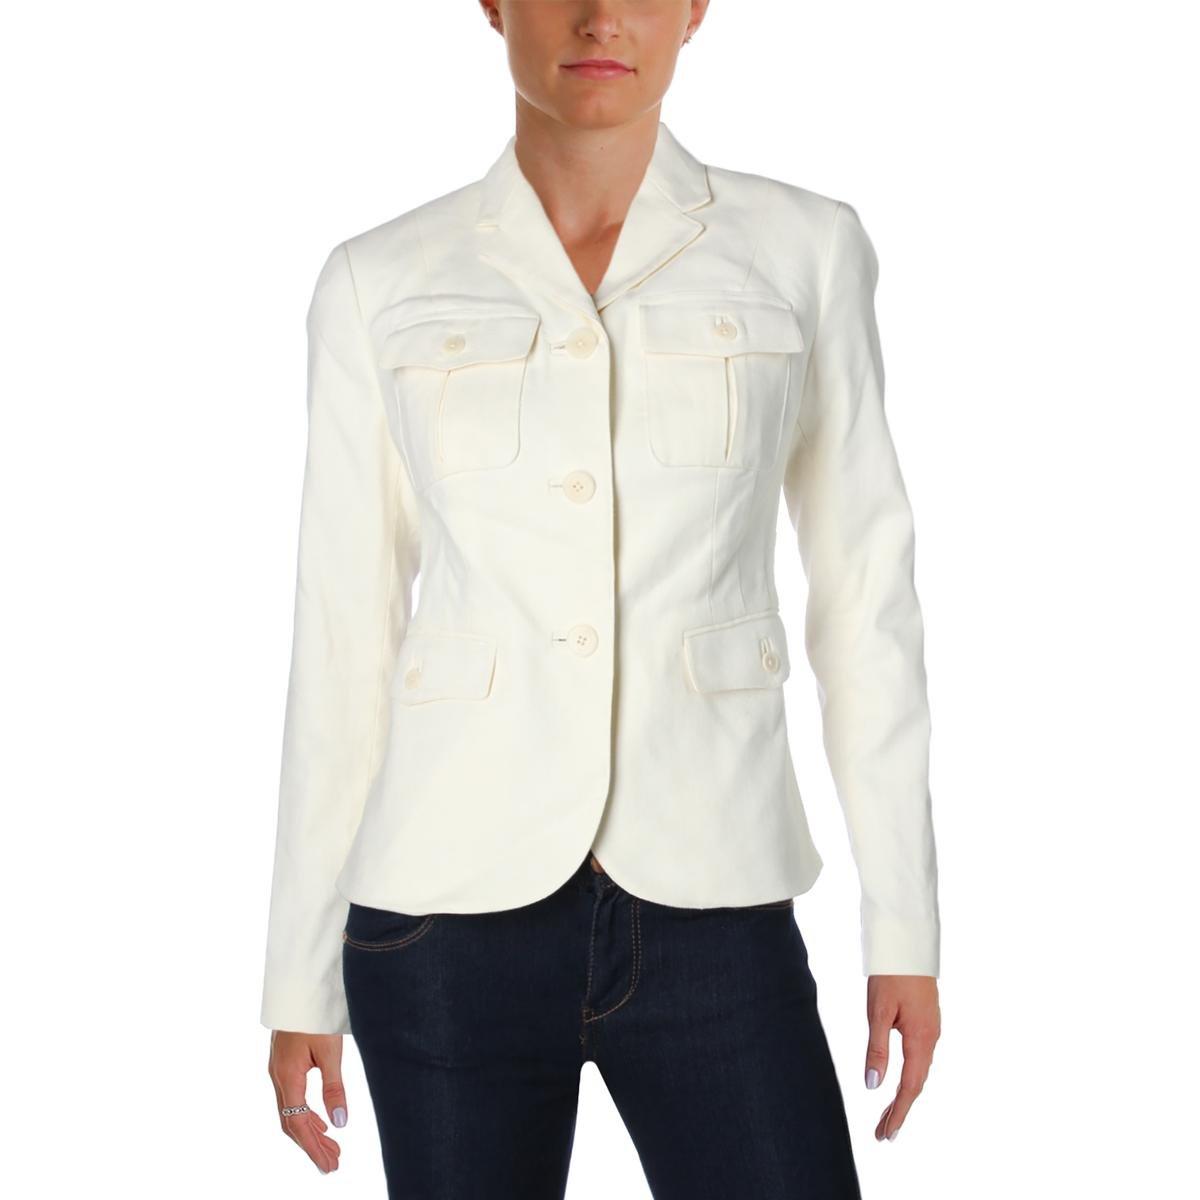 Ralph Lauren Womens Long Sleeve Button-Up Casual Blazer White 16